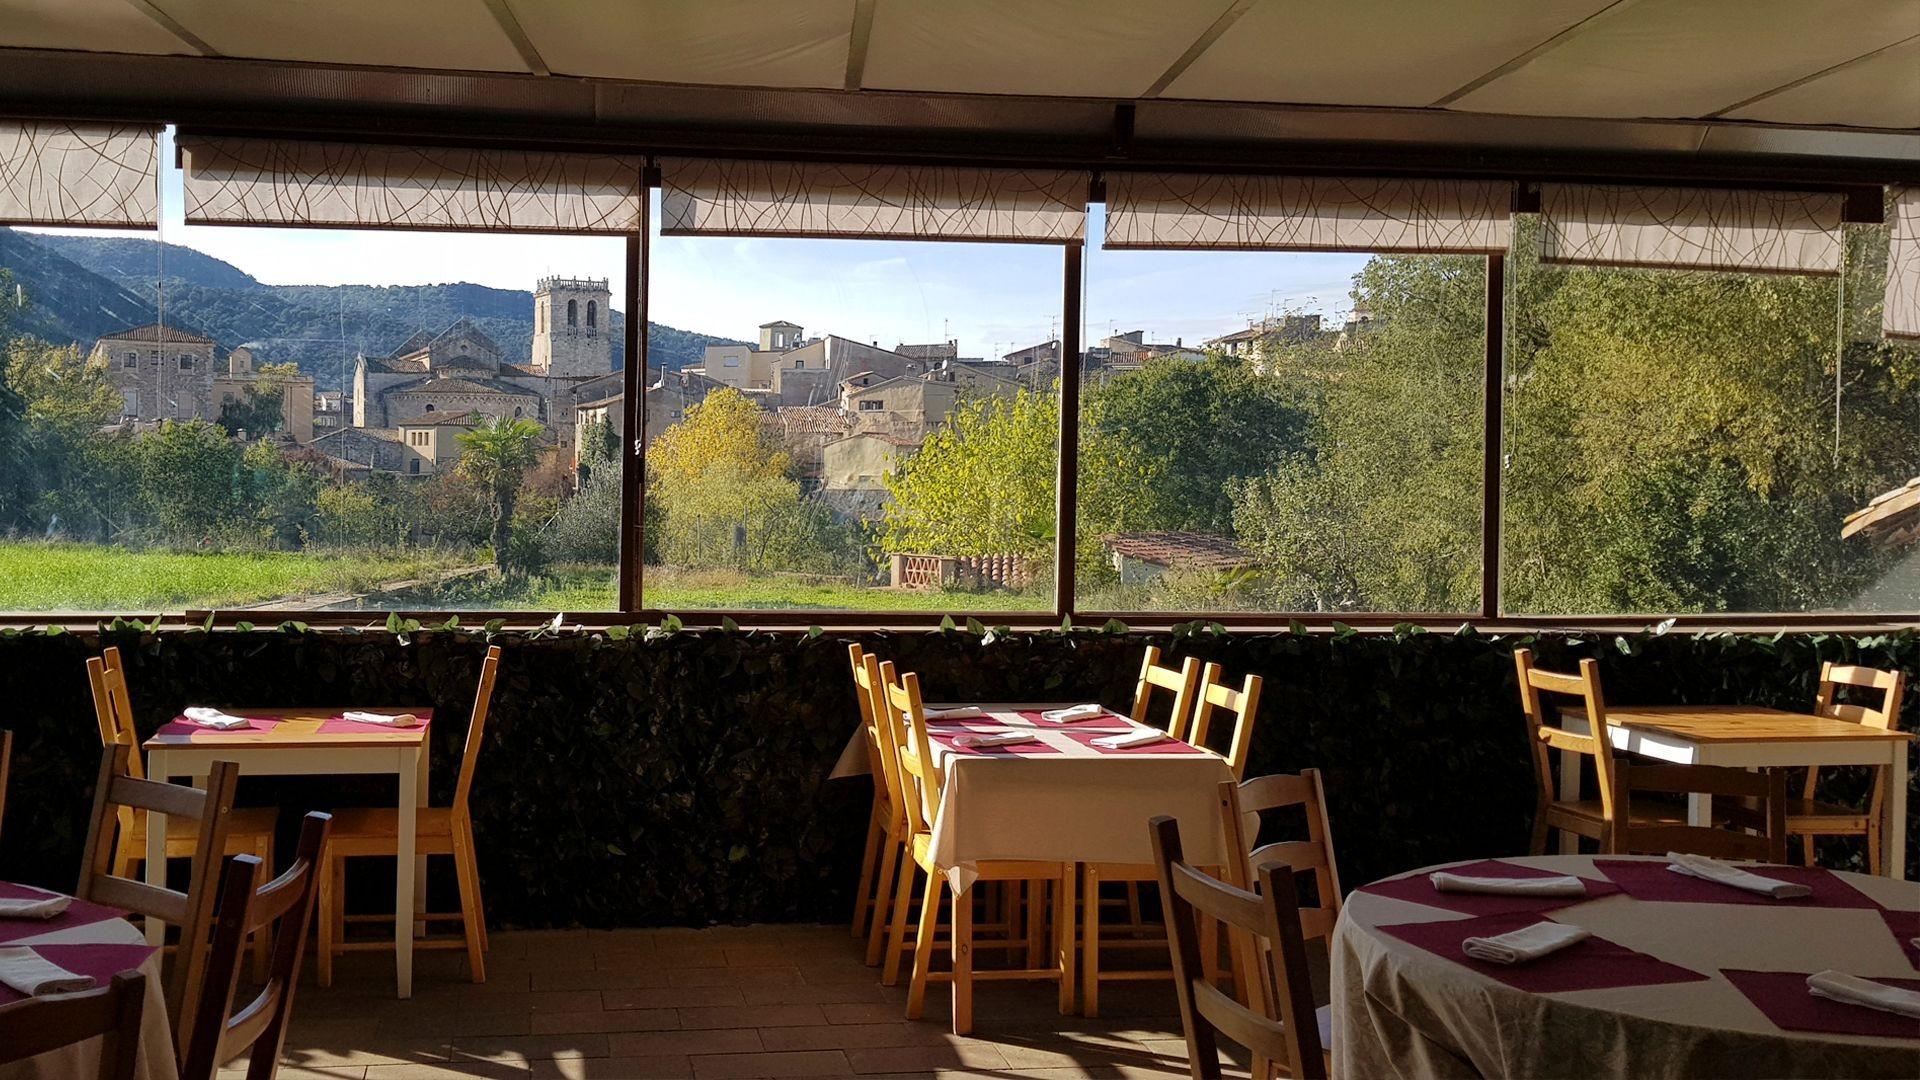 Restaurante de carnes a la brasa en Besalú